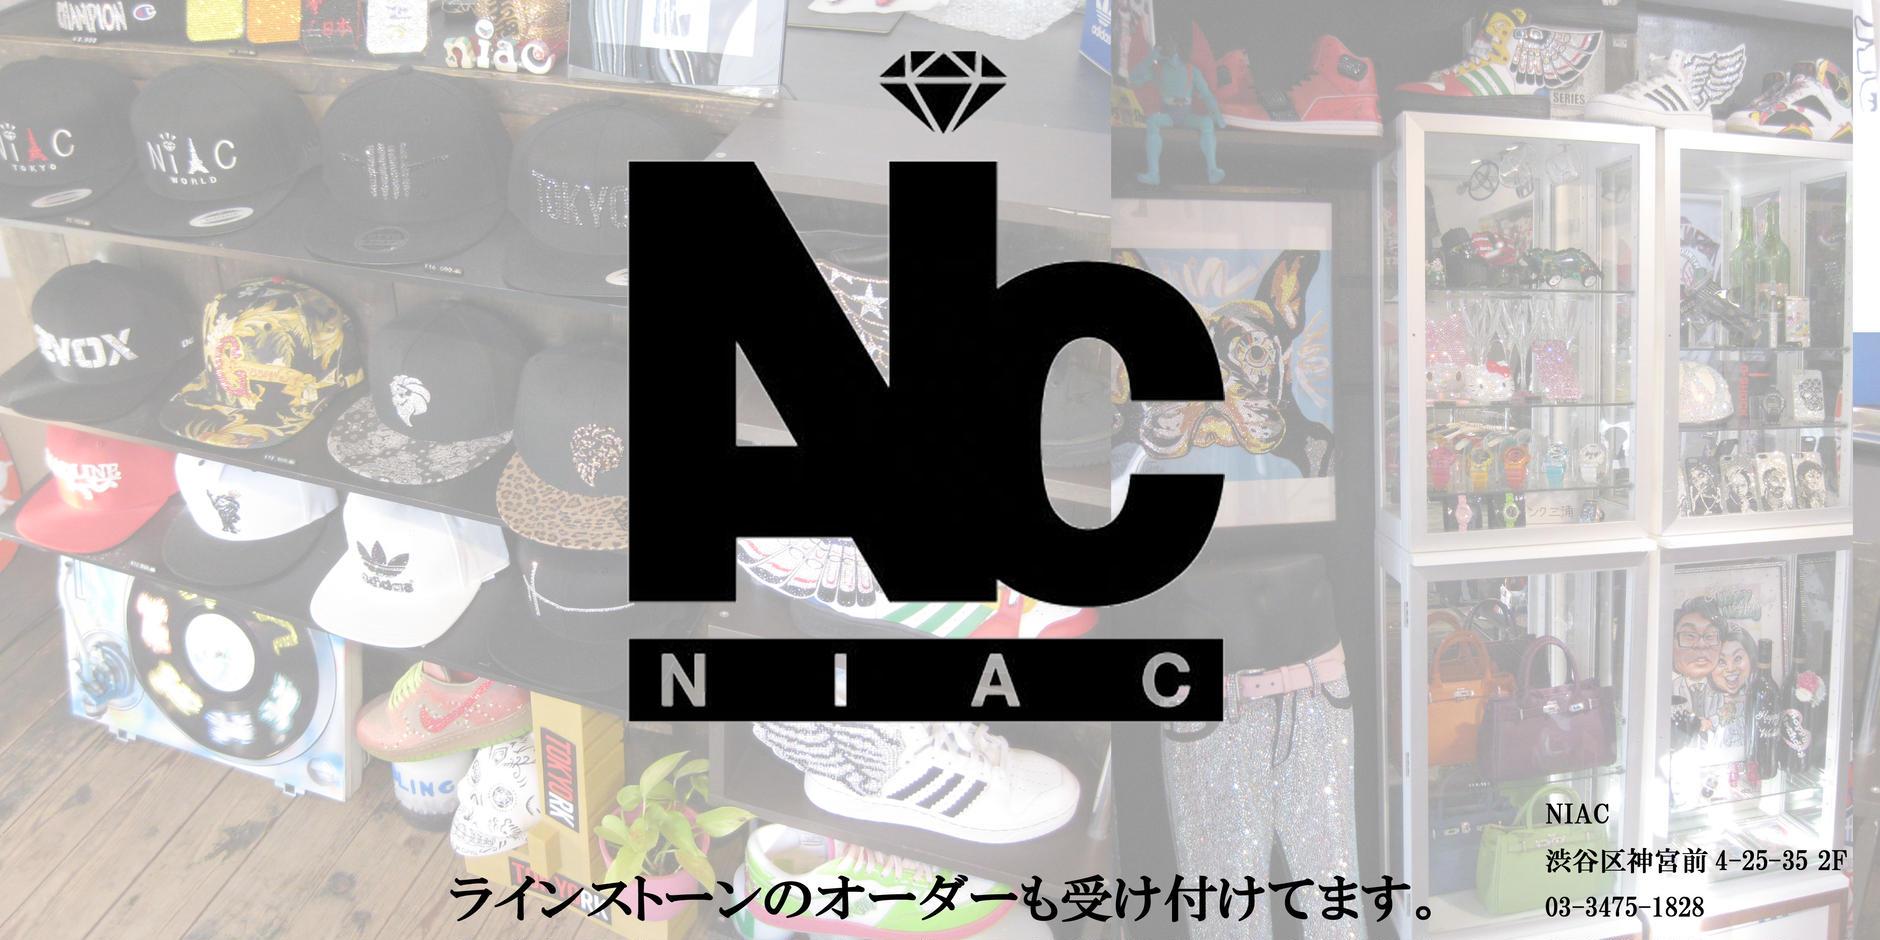 ラインストーンカスタムshop NIAC